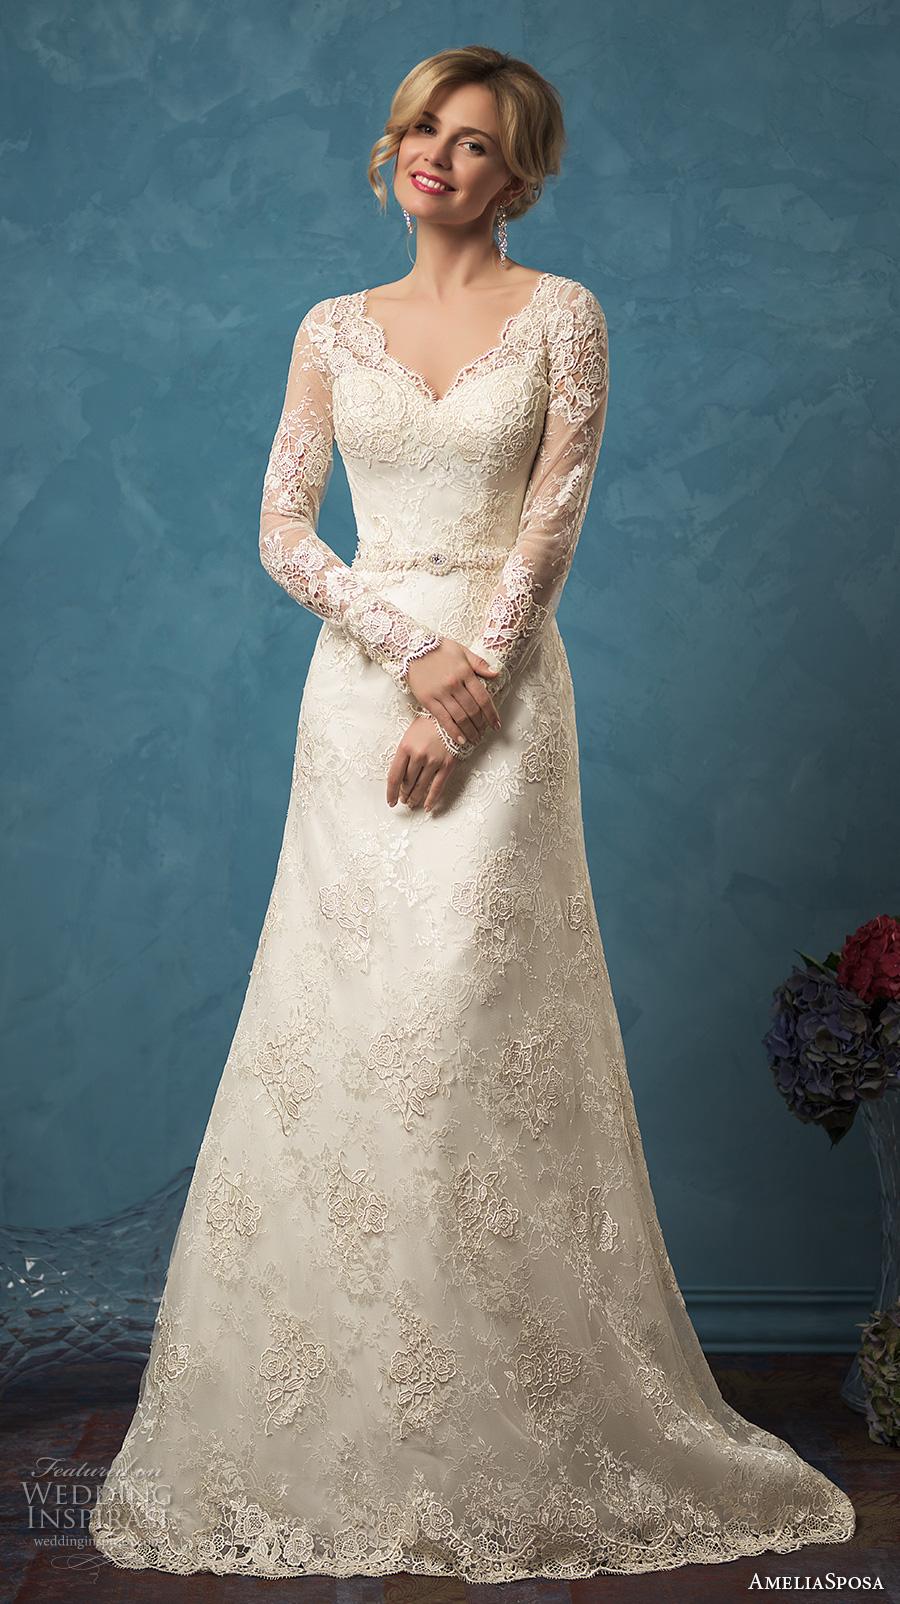 Fine Harley Davidson Wedding Dresses Ensign - All Wedding Dresses ...